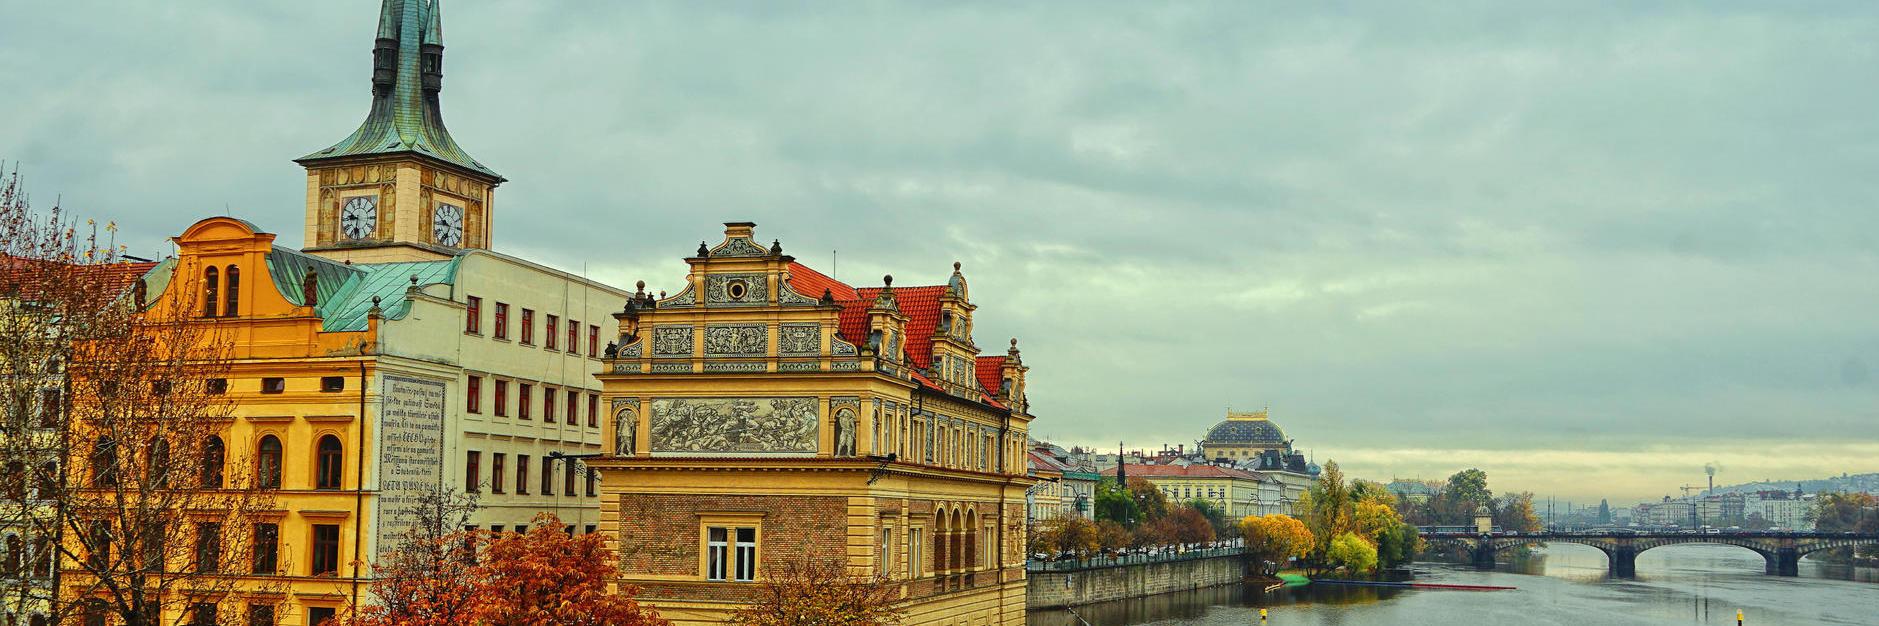 捷克 | 斯洛伐克的浪漫之旅,美丽多彩的中世纪宝石与童话小镇